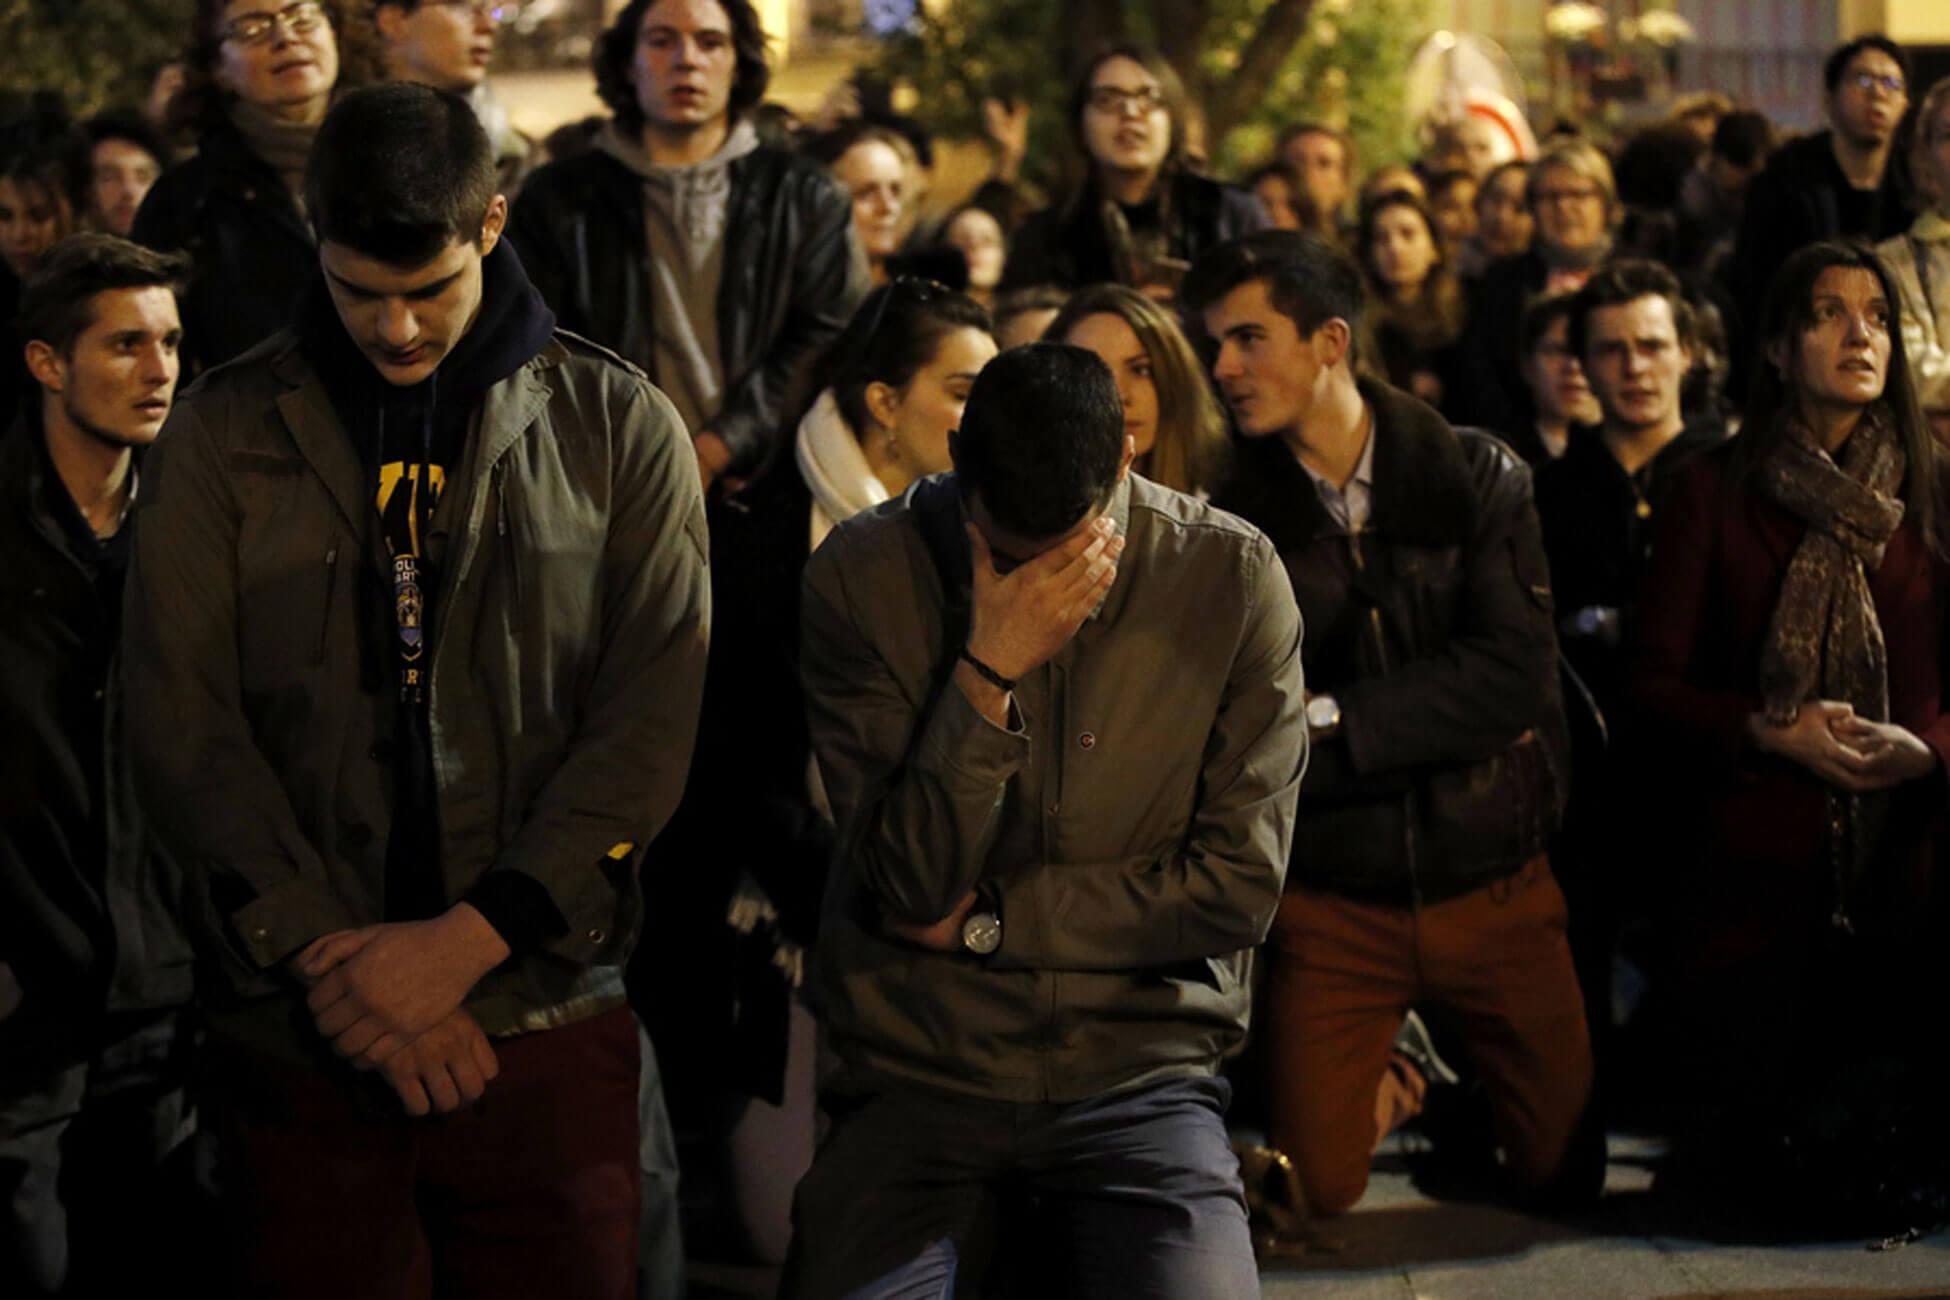 Παναγία των Παρισίων: Θρήνος! Προσευχές και δάκρυα για την καταστροφή